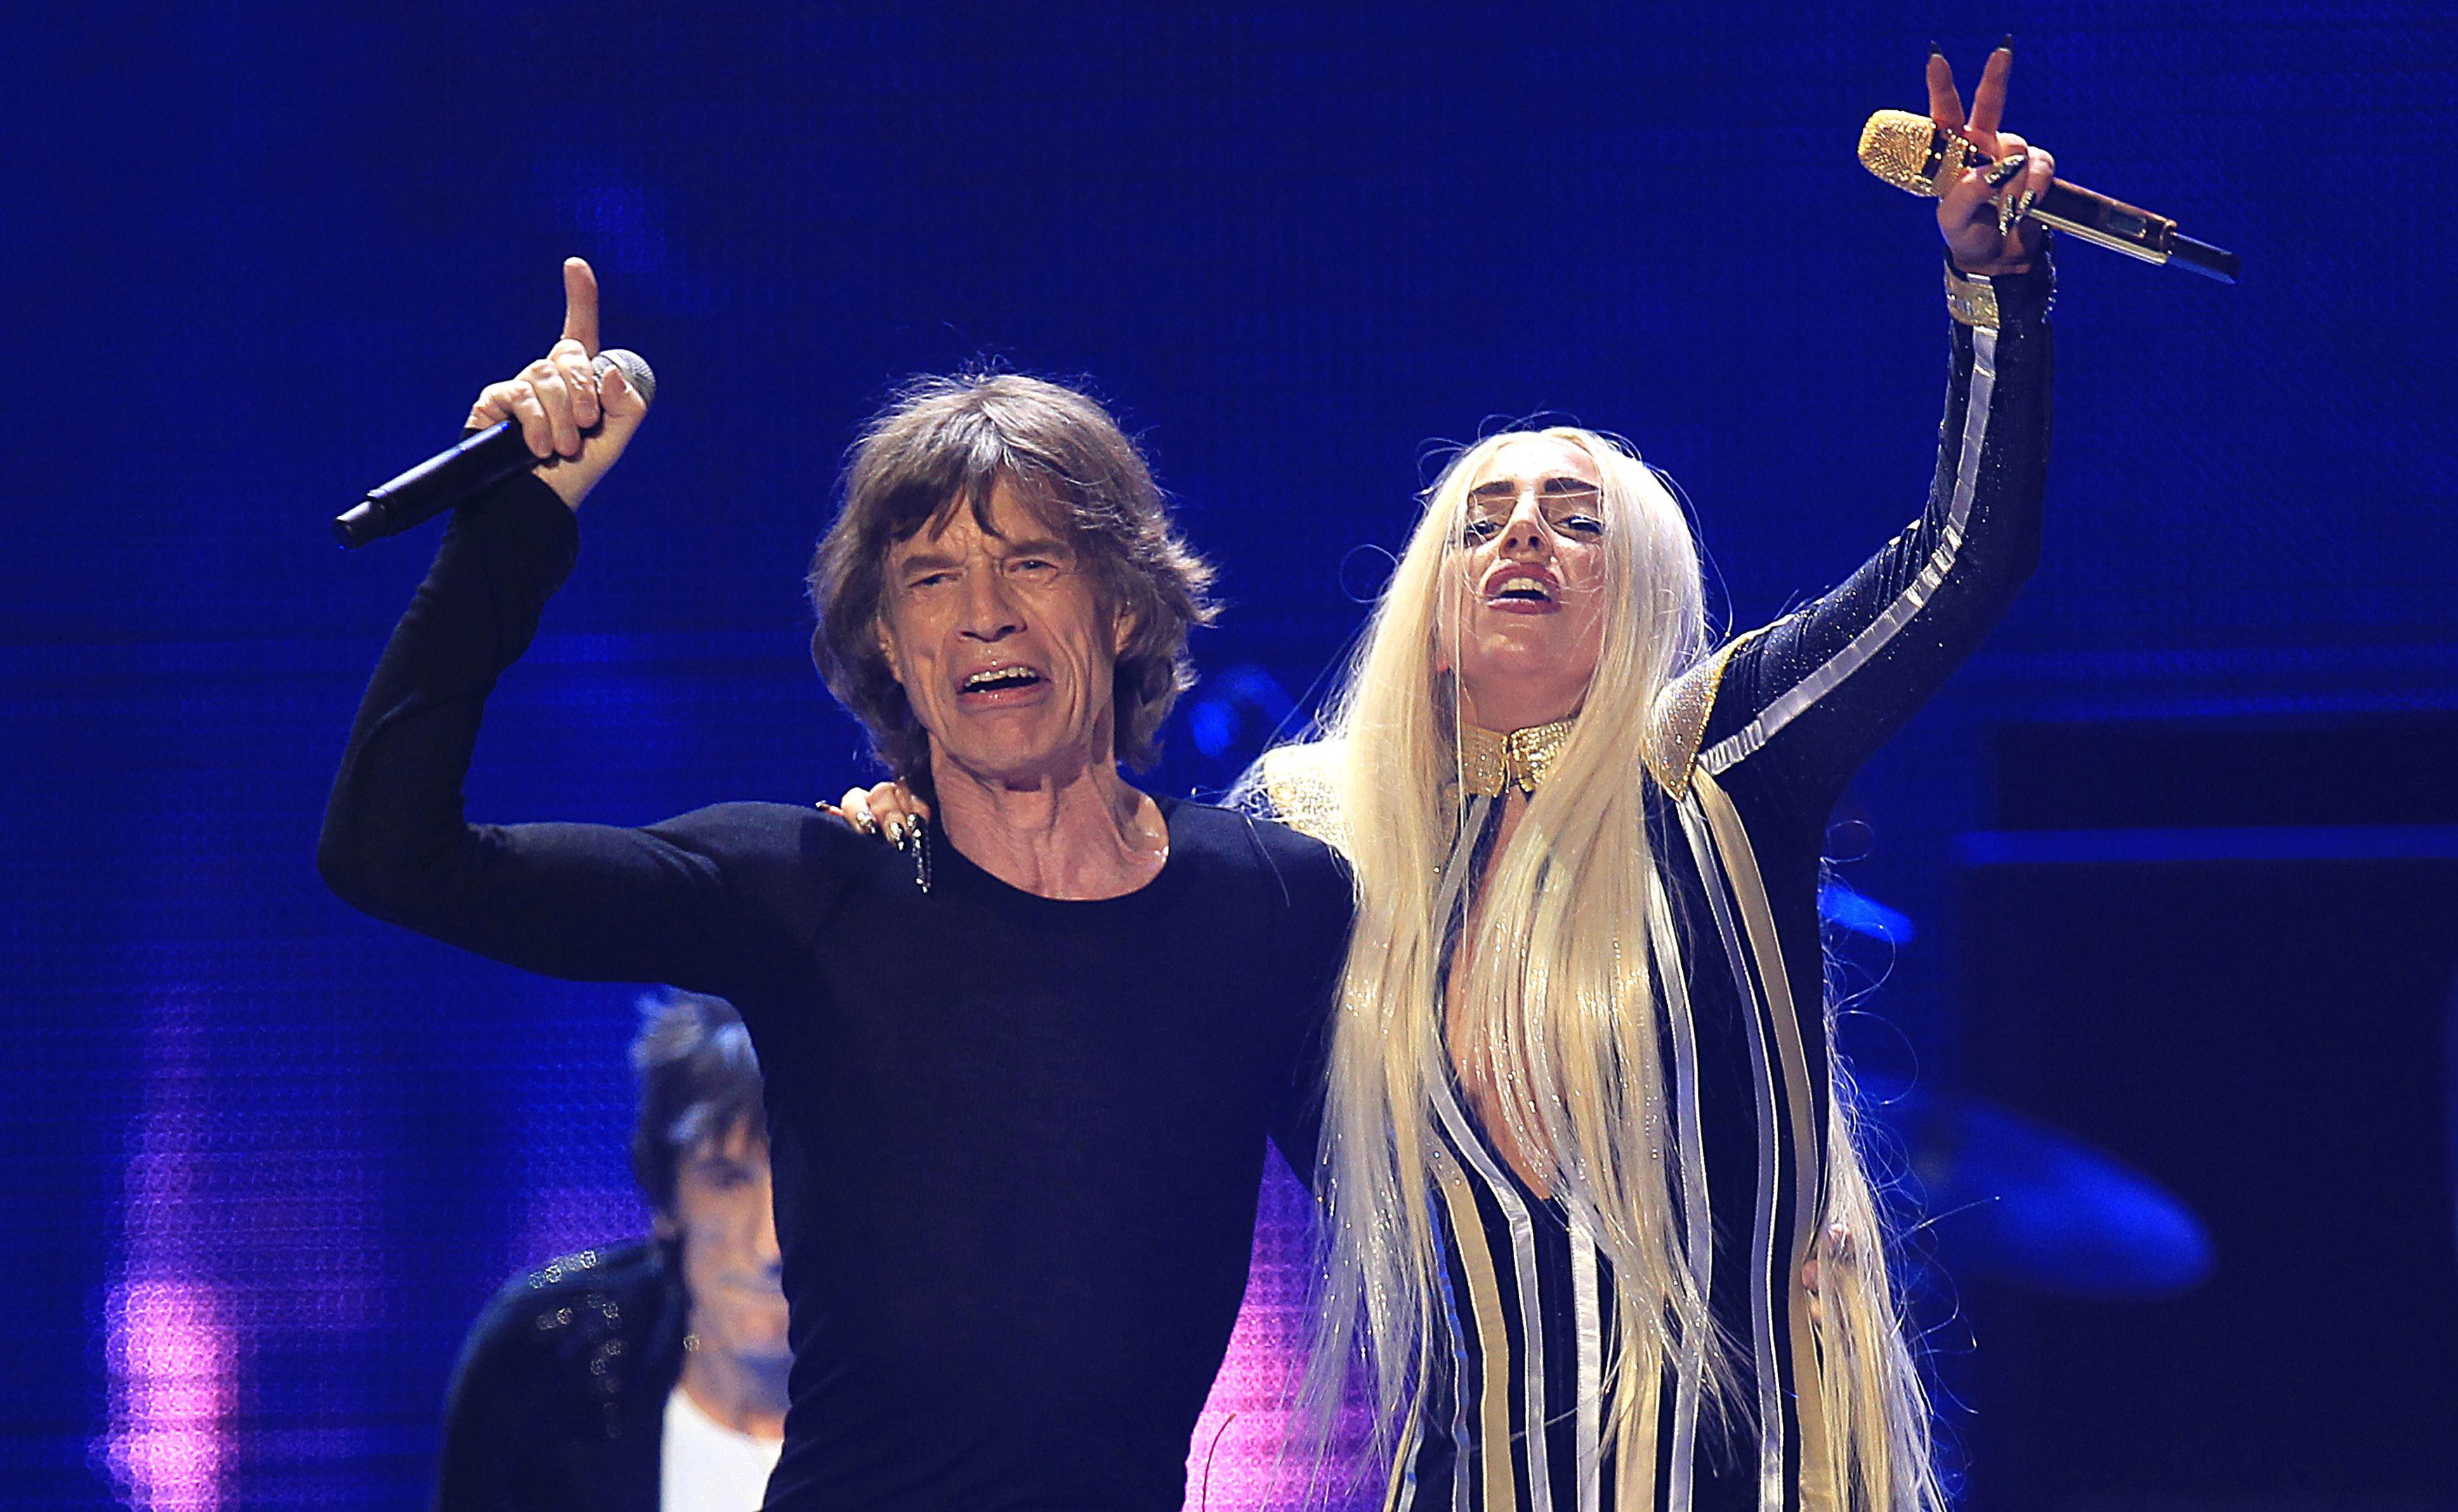 Mick Jagger & Lady Gaga